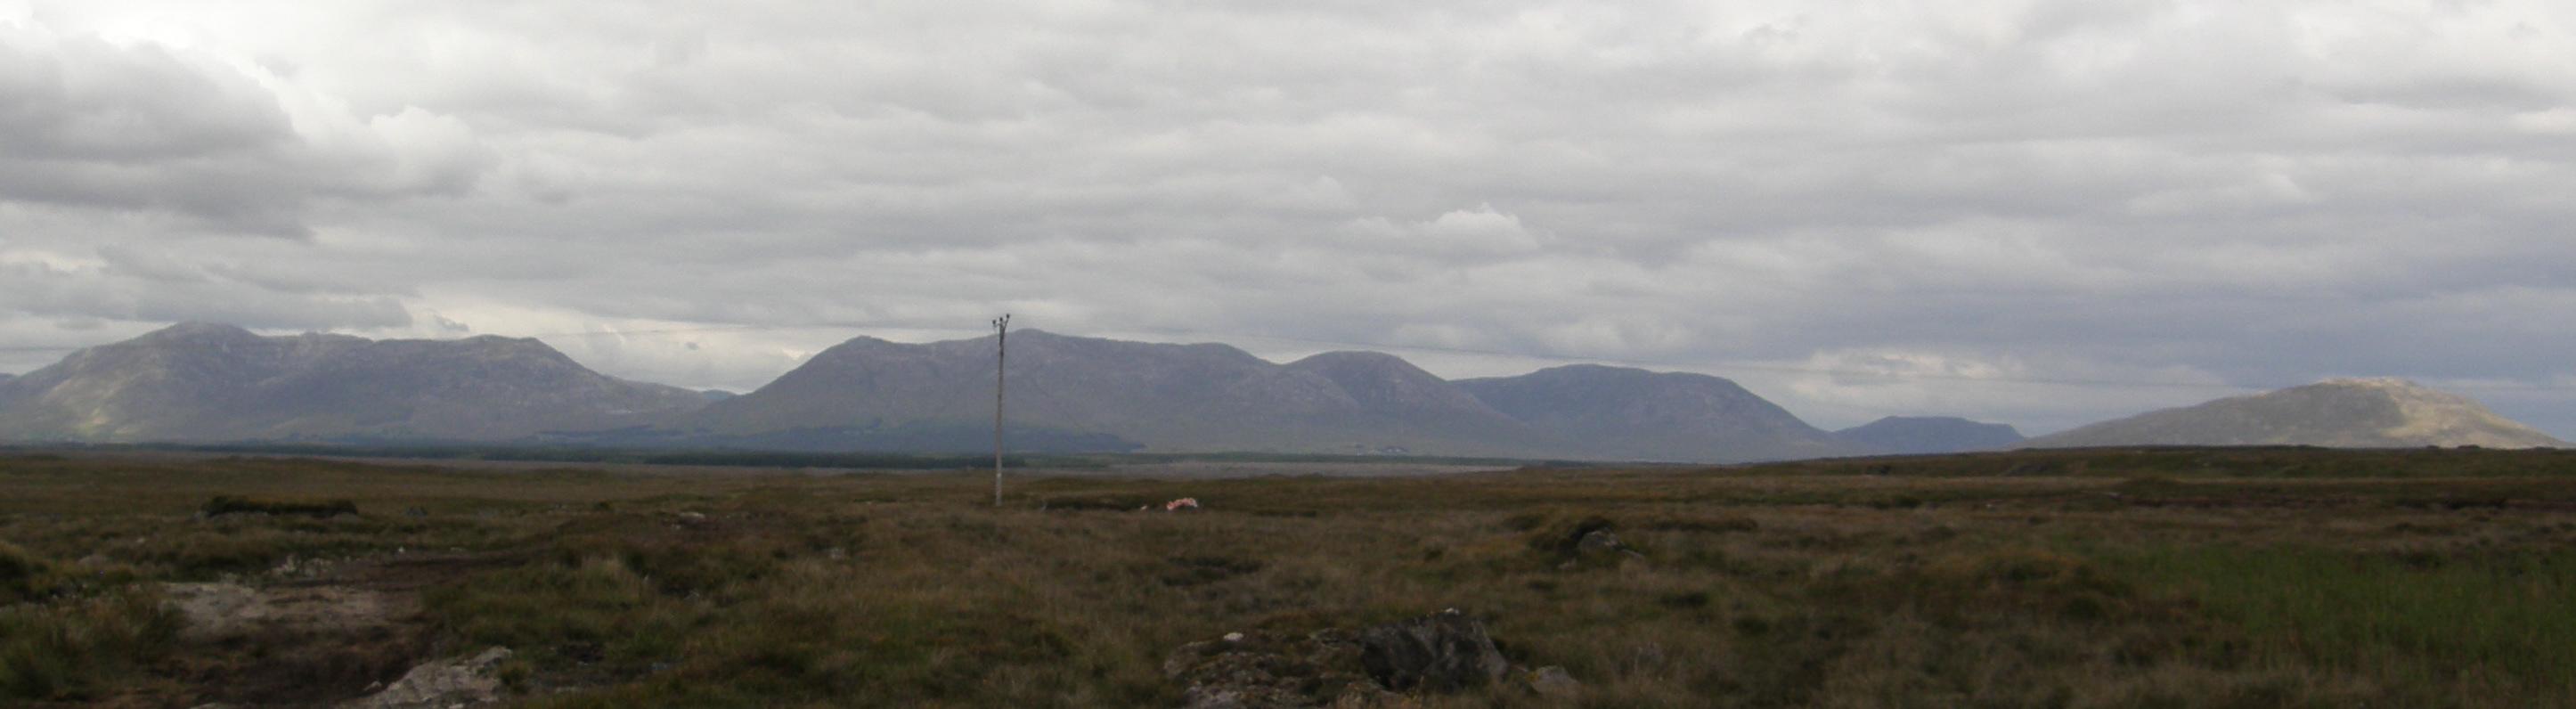 The Twelve Bens from Derryrush Road